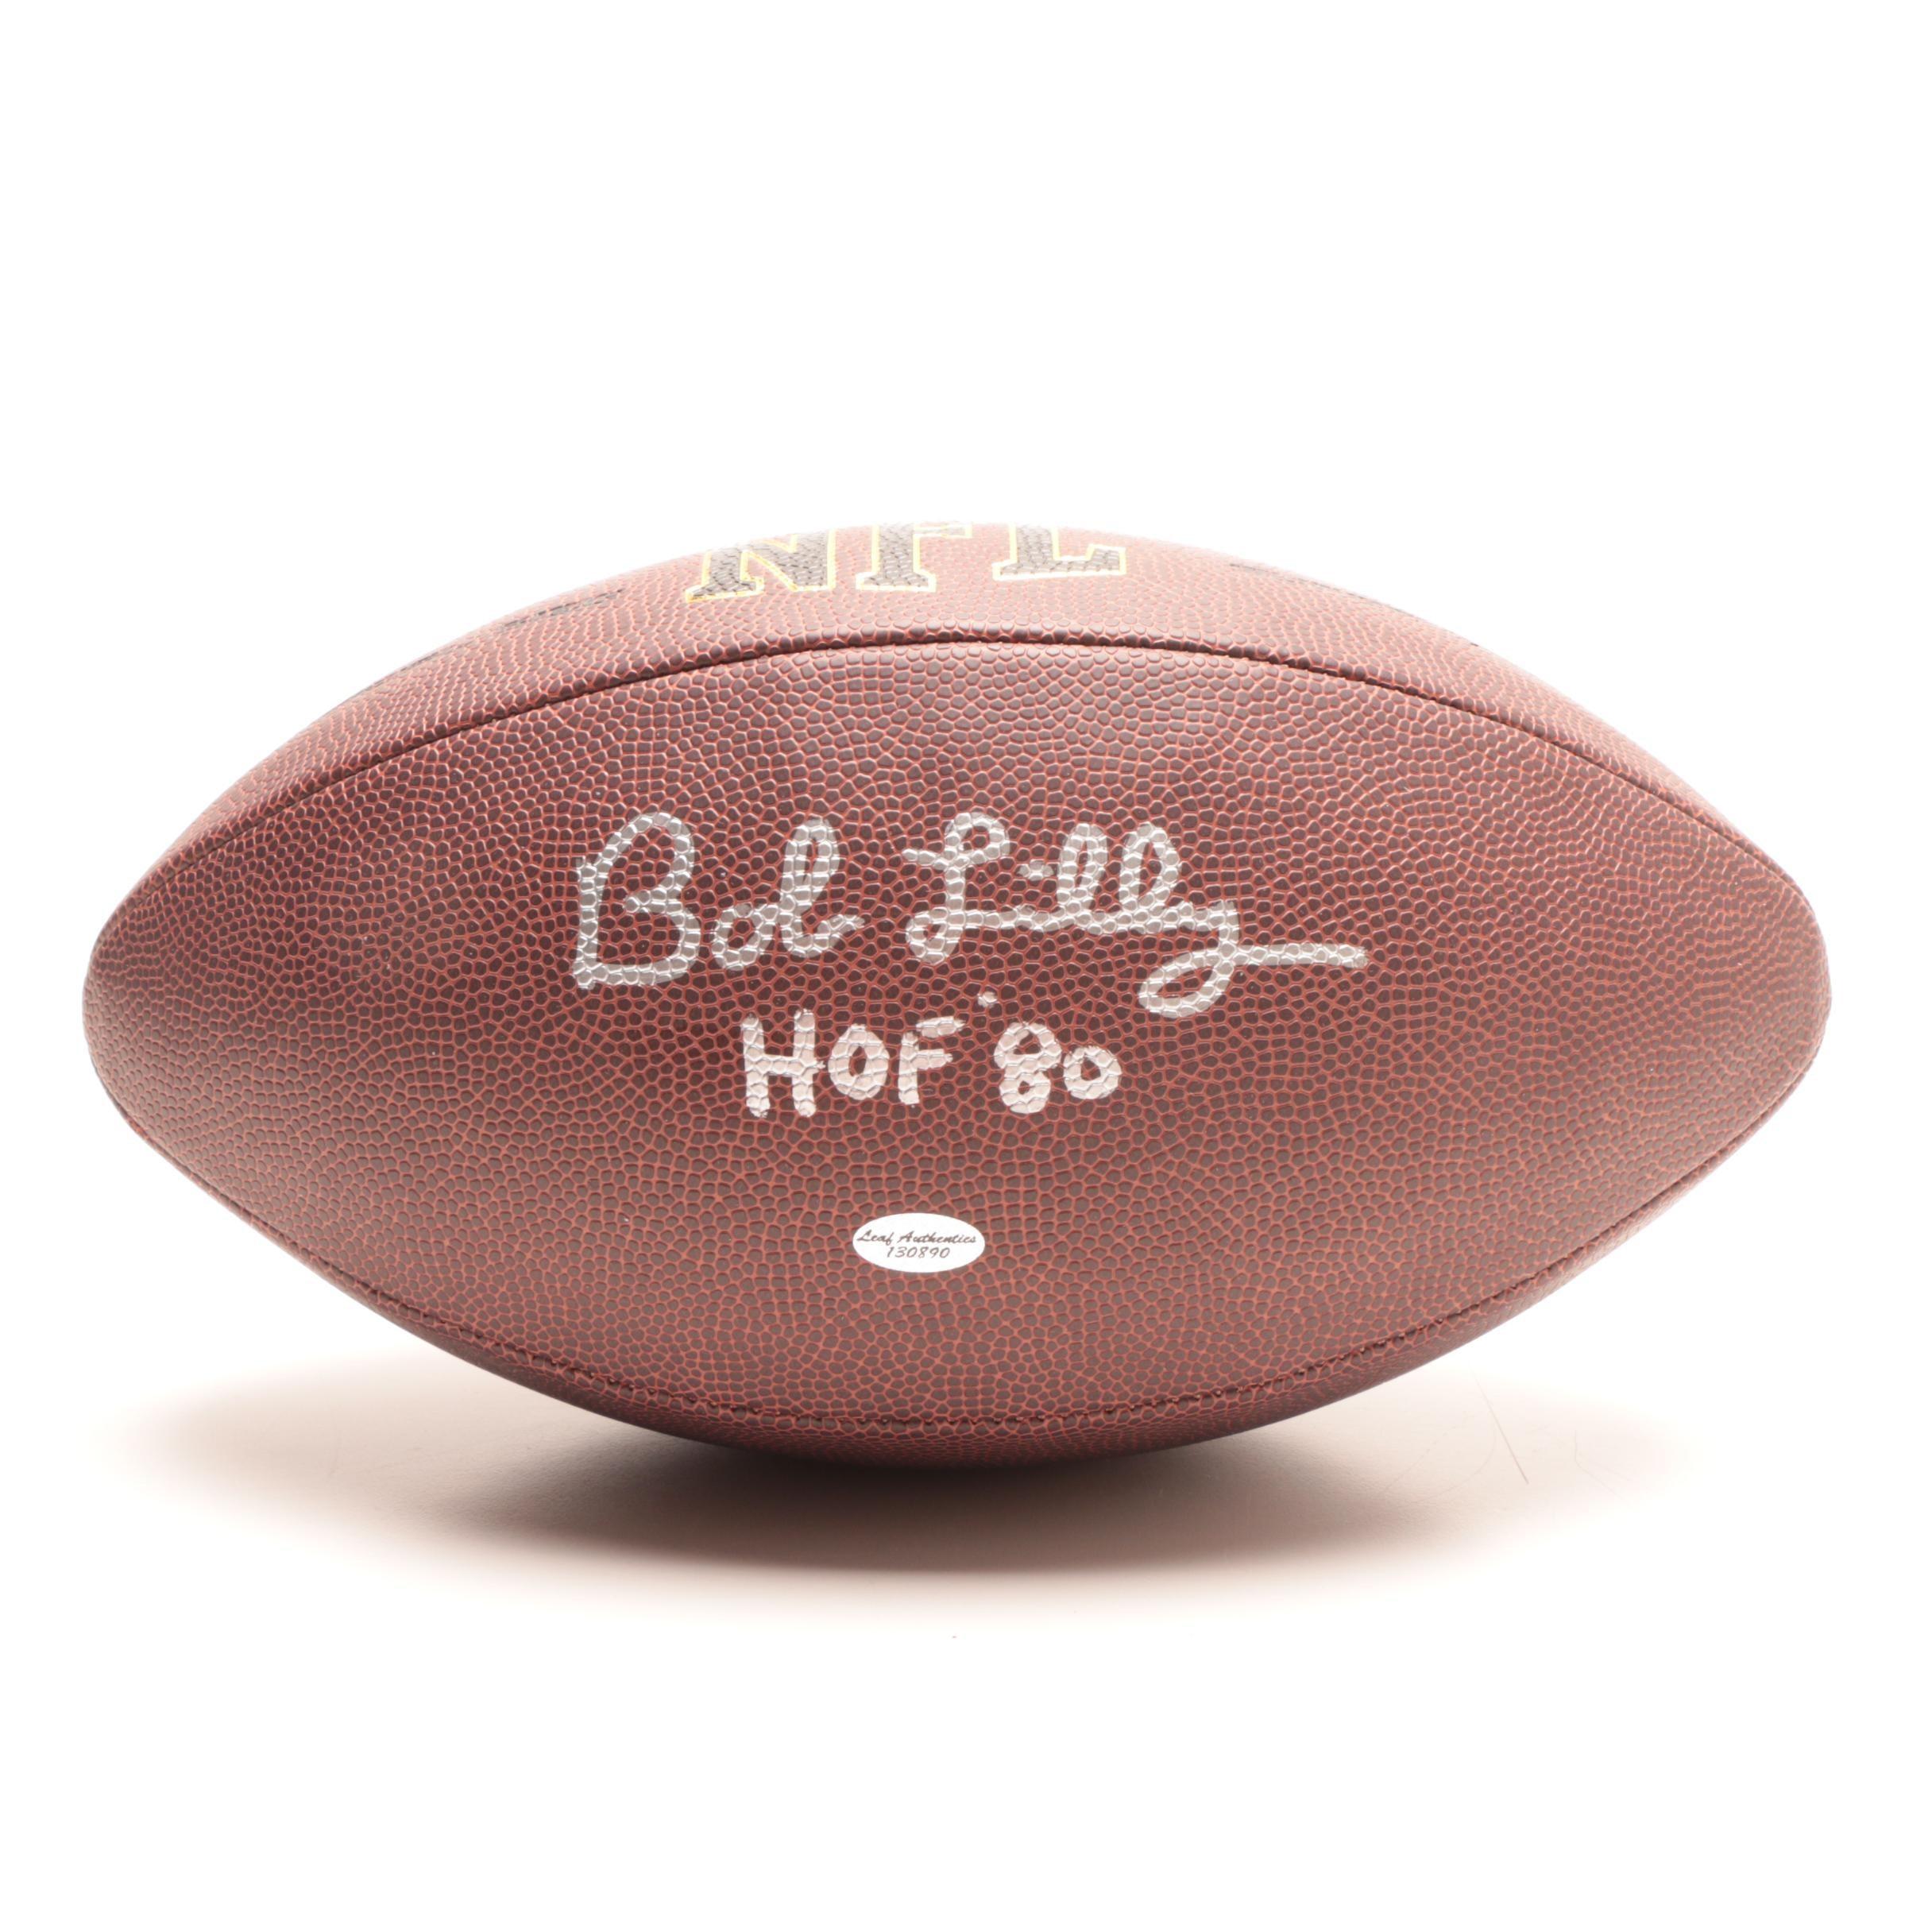 Bob Lilly Signed Football  COA